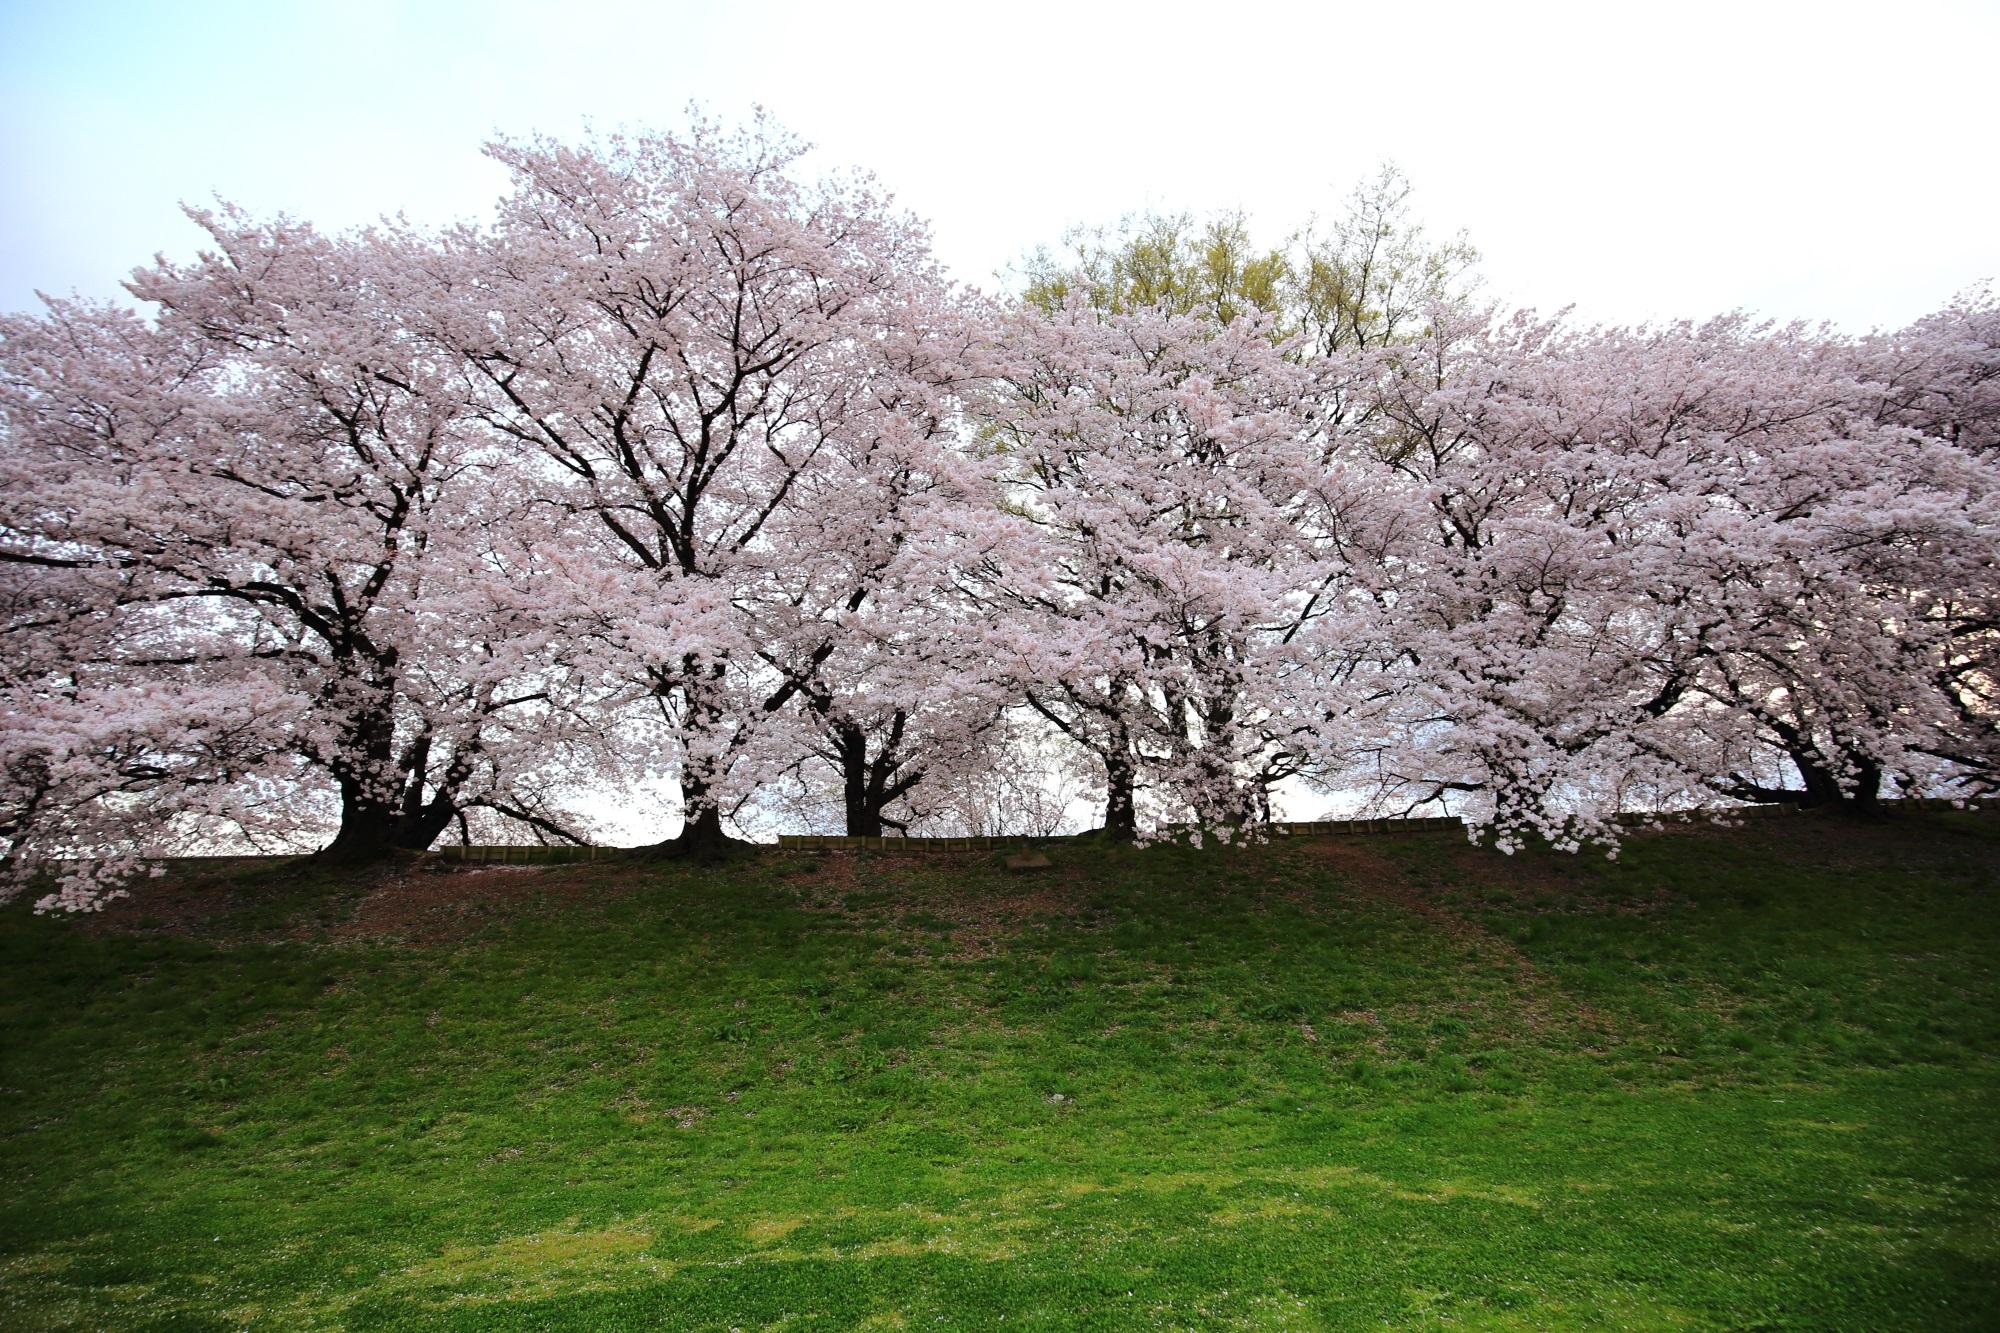 緑の芝生の上で華やぐ満開の桜